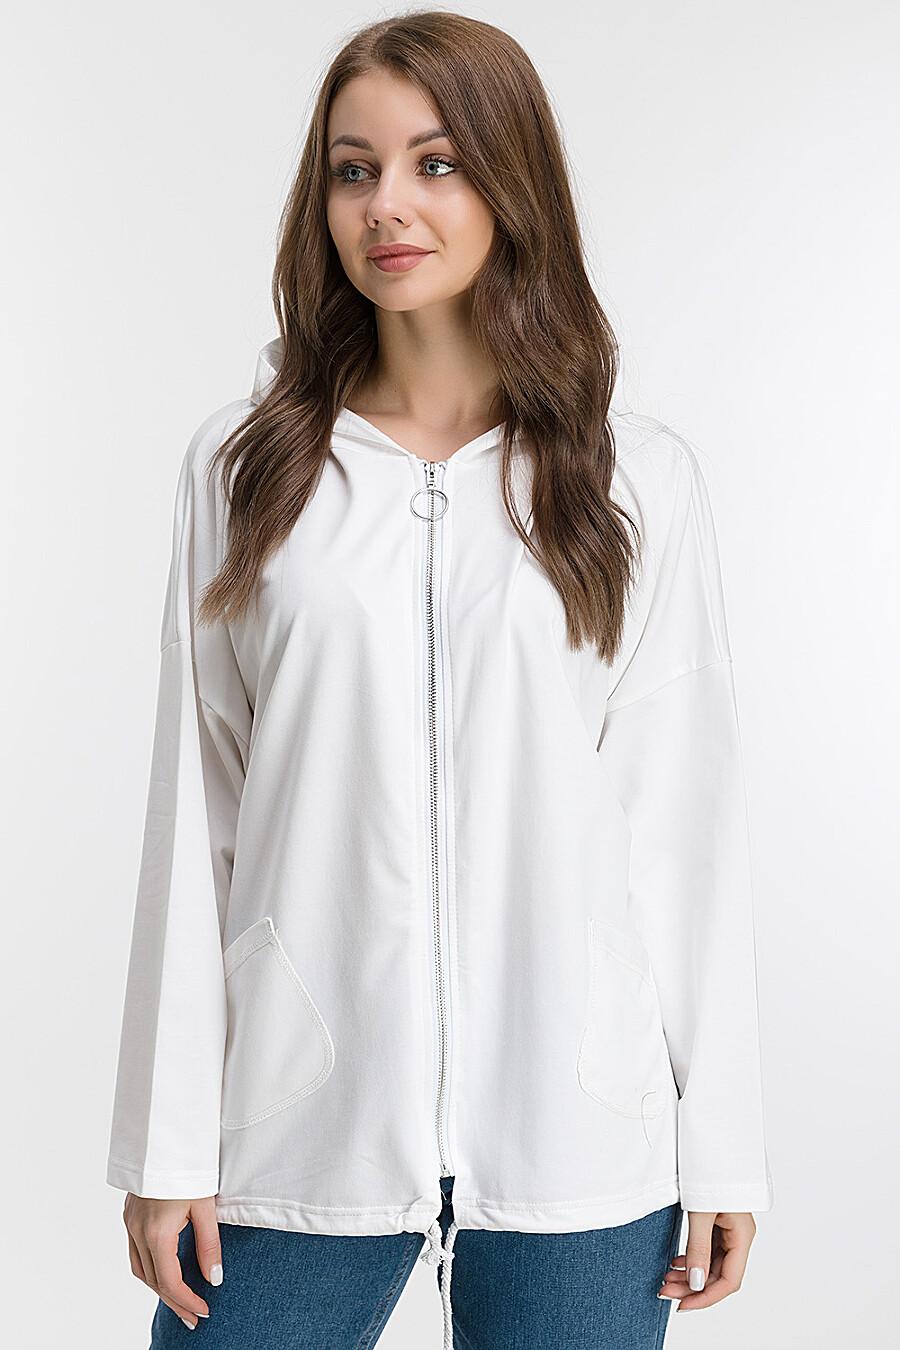 Ветровка для женщин MODALIME 169444 купить оптом от производителя. Совместная покупка женской одежды в OptMoyo